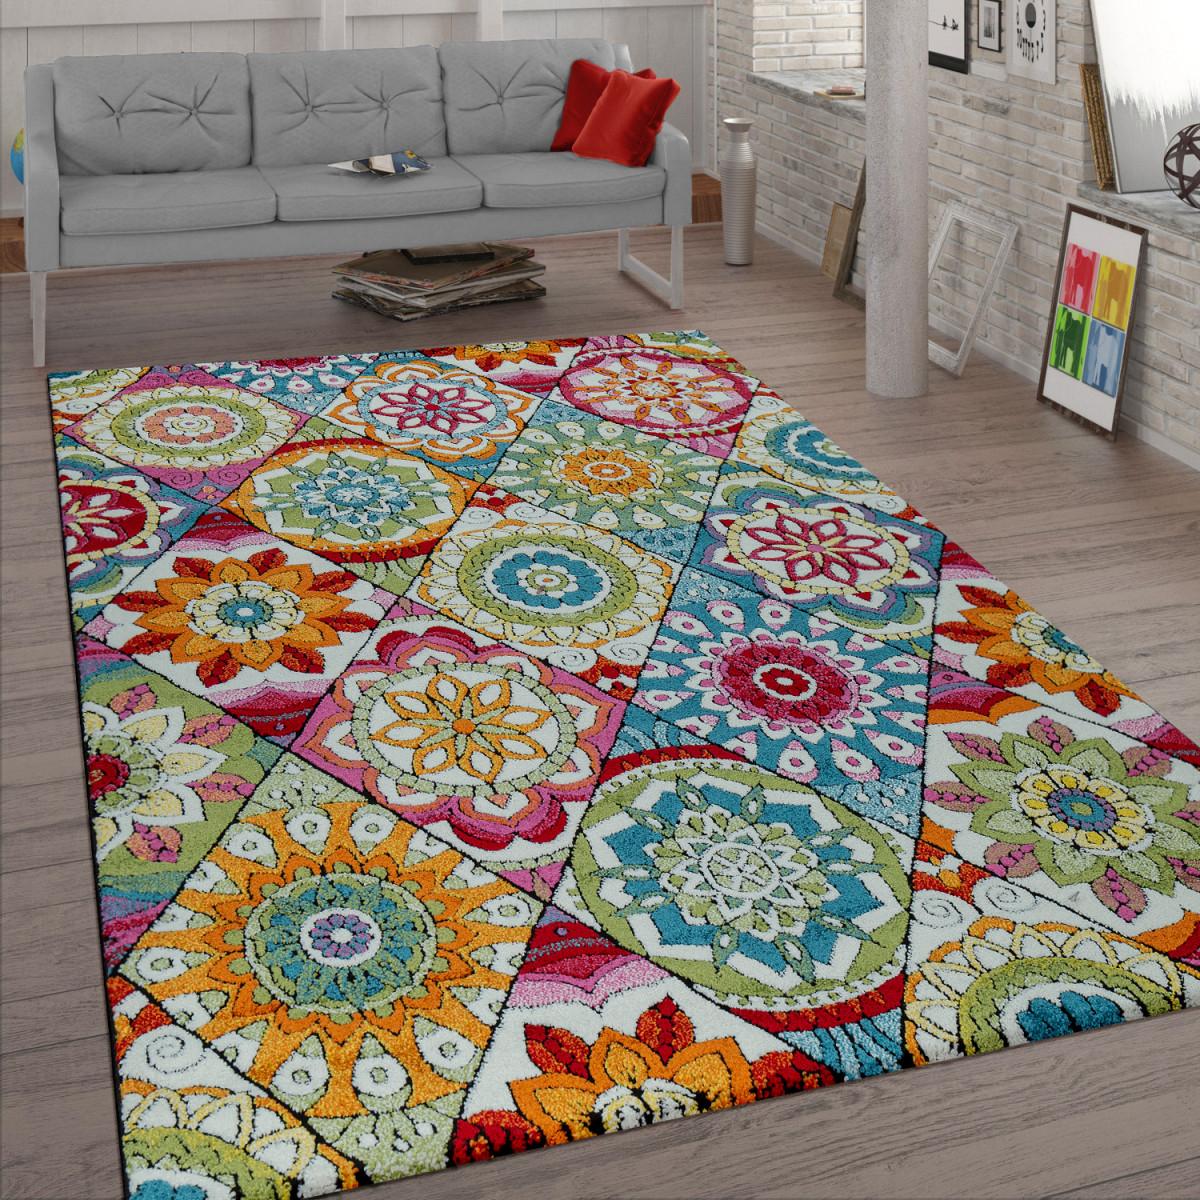 Details Zu Kurzflor Teppich Wohnzimmer Bunt Retro Design Mandala Muster  Design Boho Stil von Wohnzimmer Teppich Bunt Photo